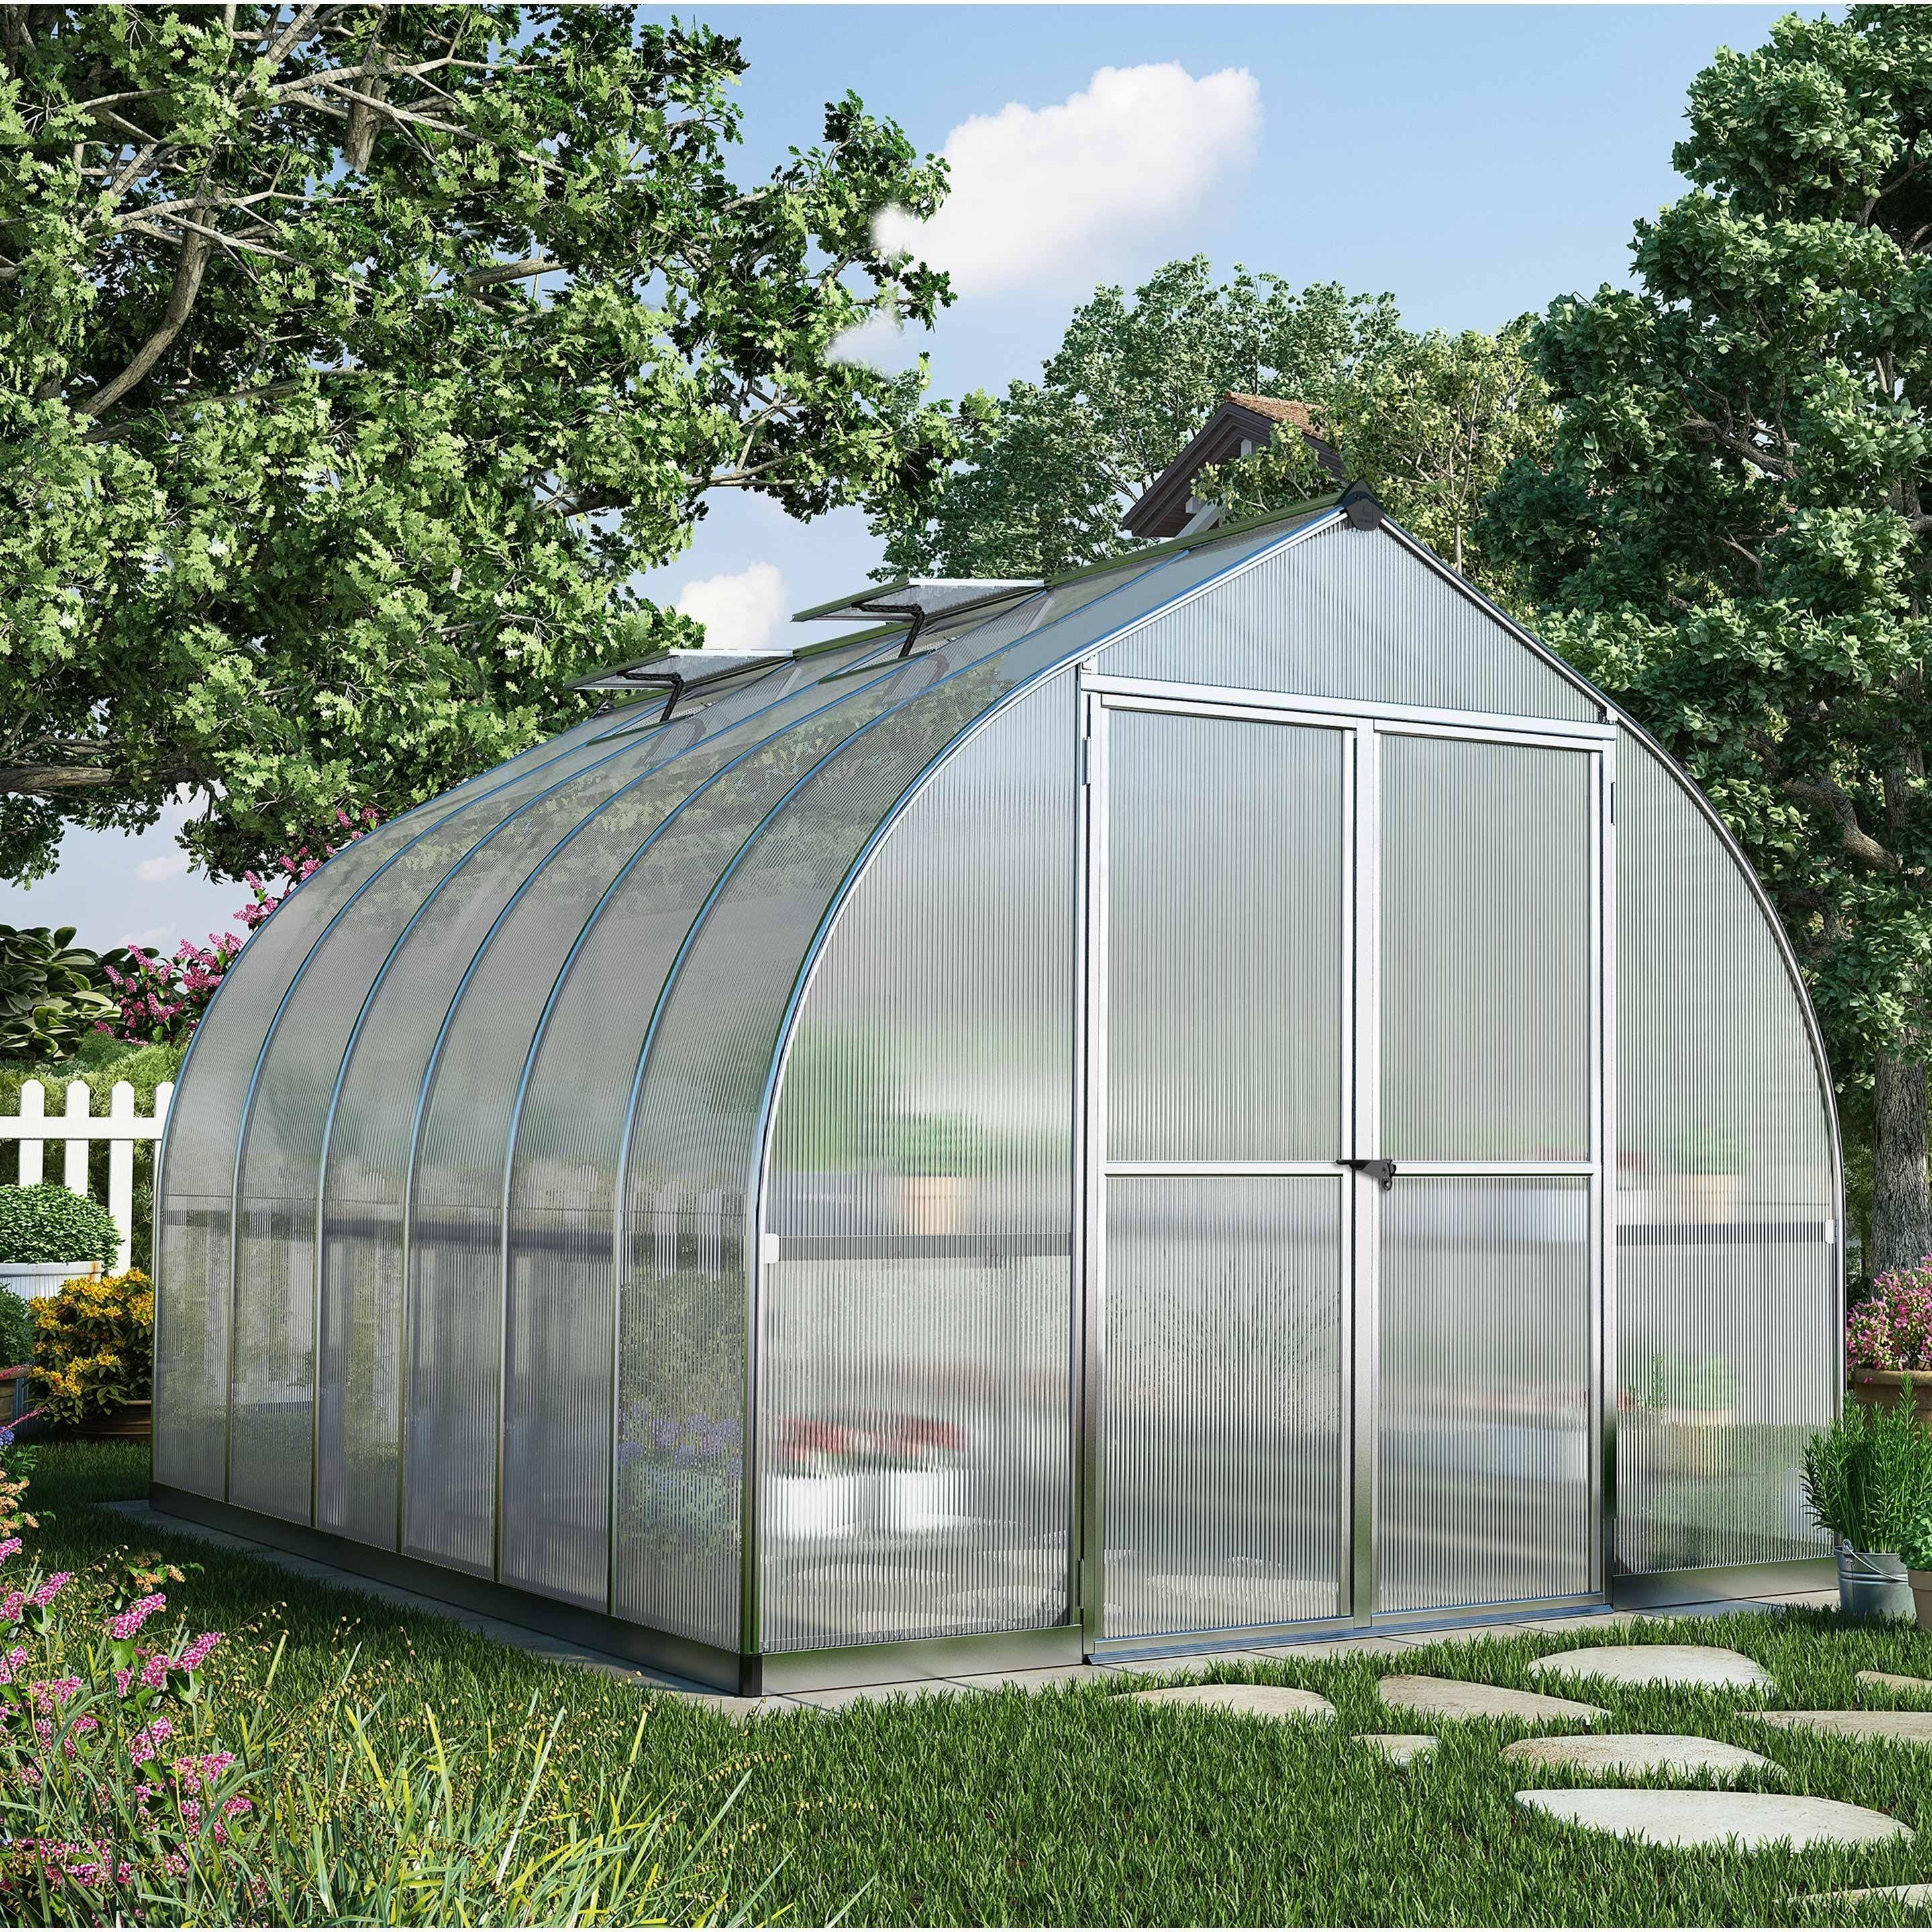 Serre De Jardin Bella 8 6 M Aluminium Et Polycarbonate Double Parois Palram En 2020 Serre Arriere Cour Jardins Champetres Et Plans De Serre